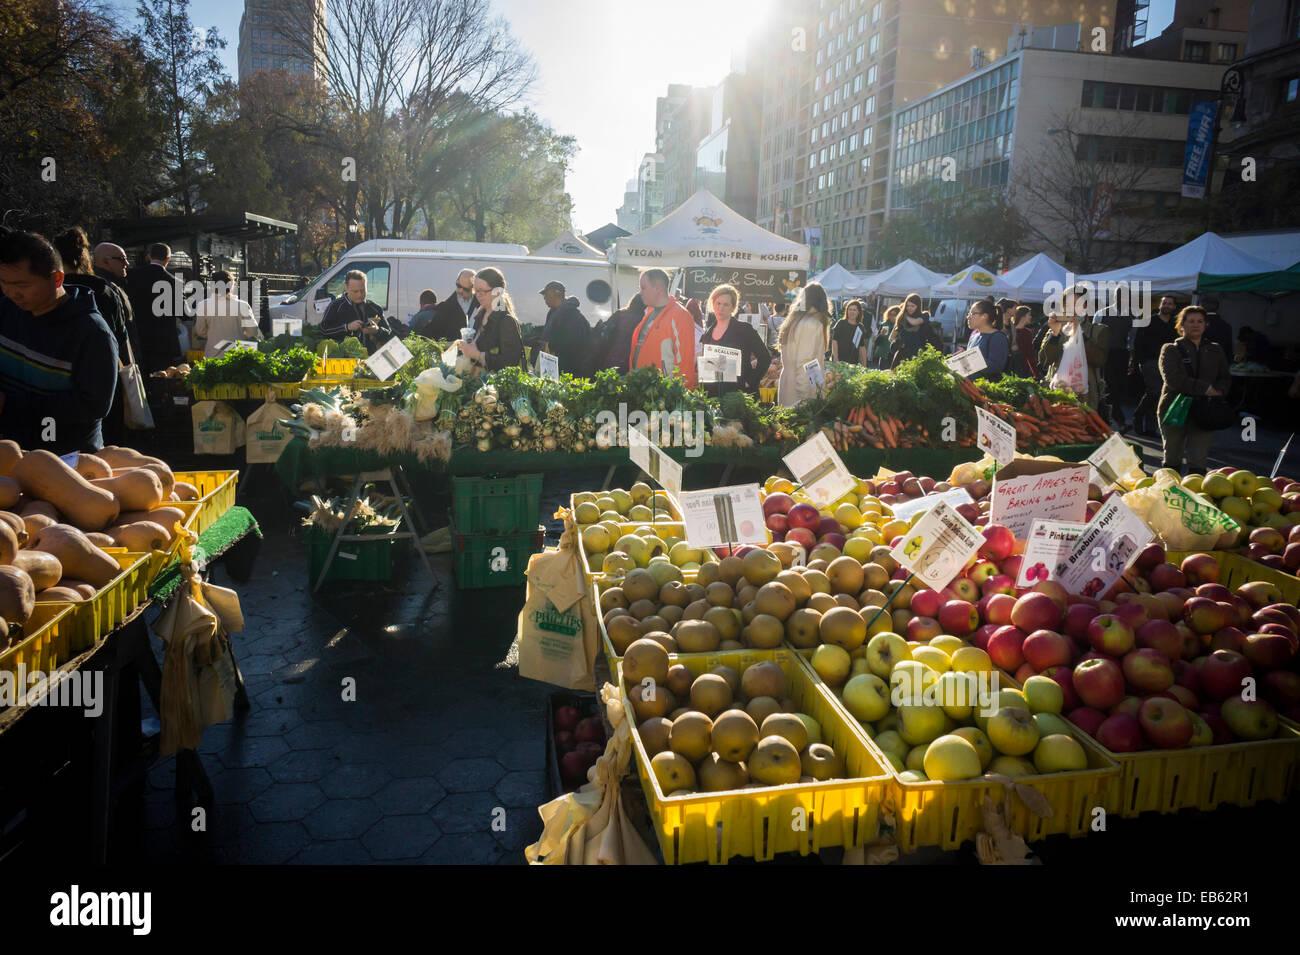 Käufer ein Bauernhof in der Union Square Greenmarket in New York auf Montag, 24. November 2014 stehen.   (© Stockbild